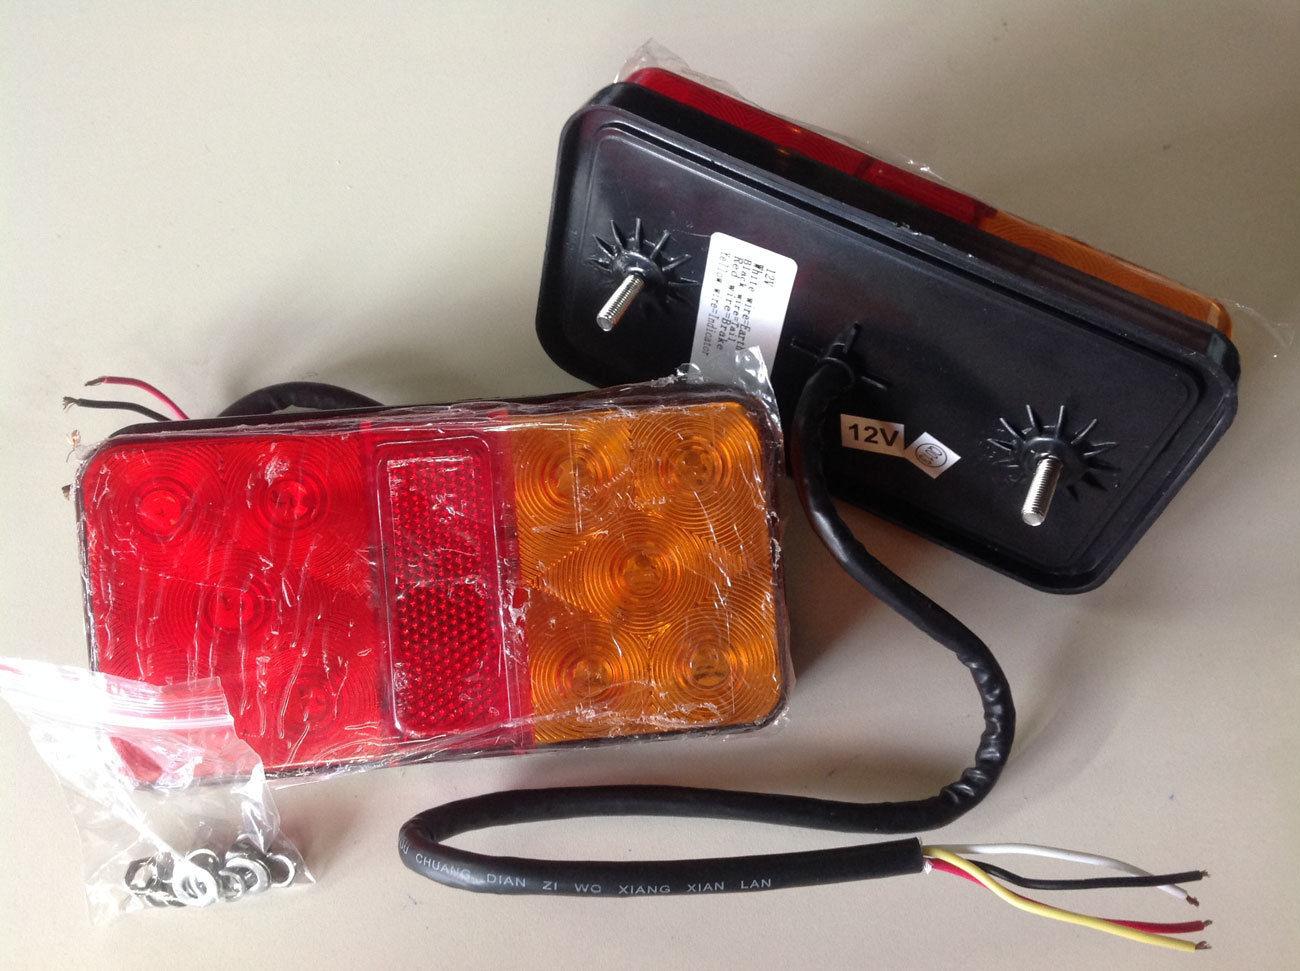 TSPA-TL80X150-2 Tailight LED Rectangle (12V)